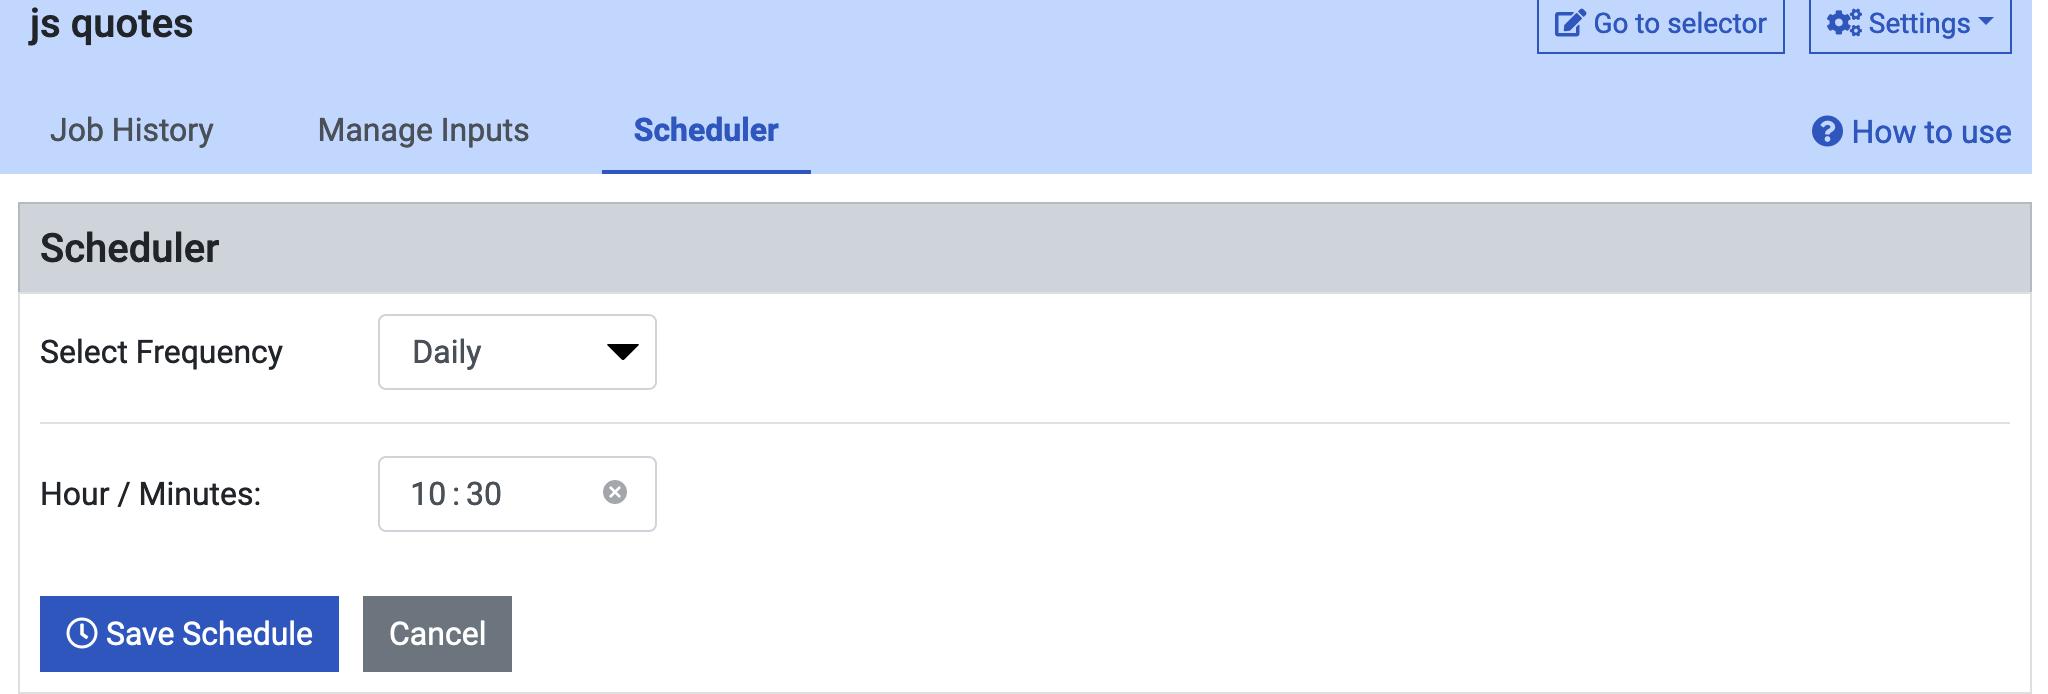 schedule_prowebscraper